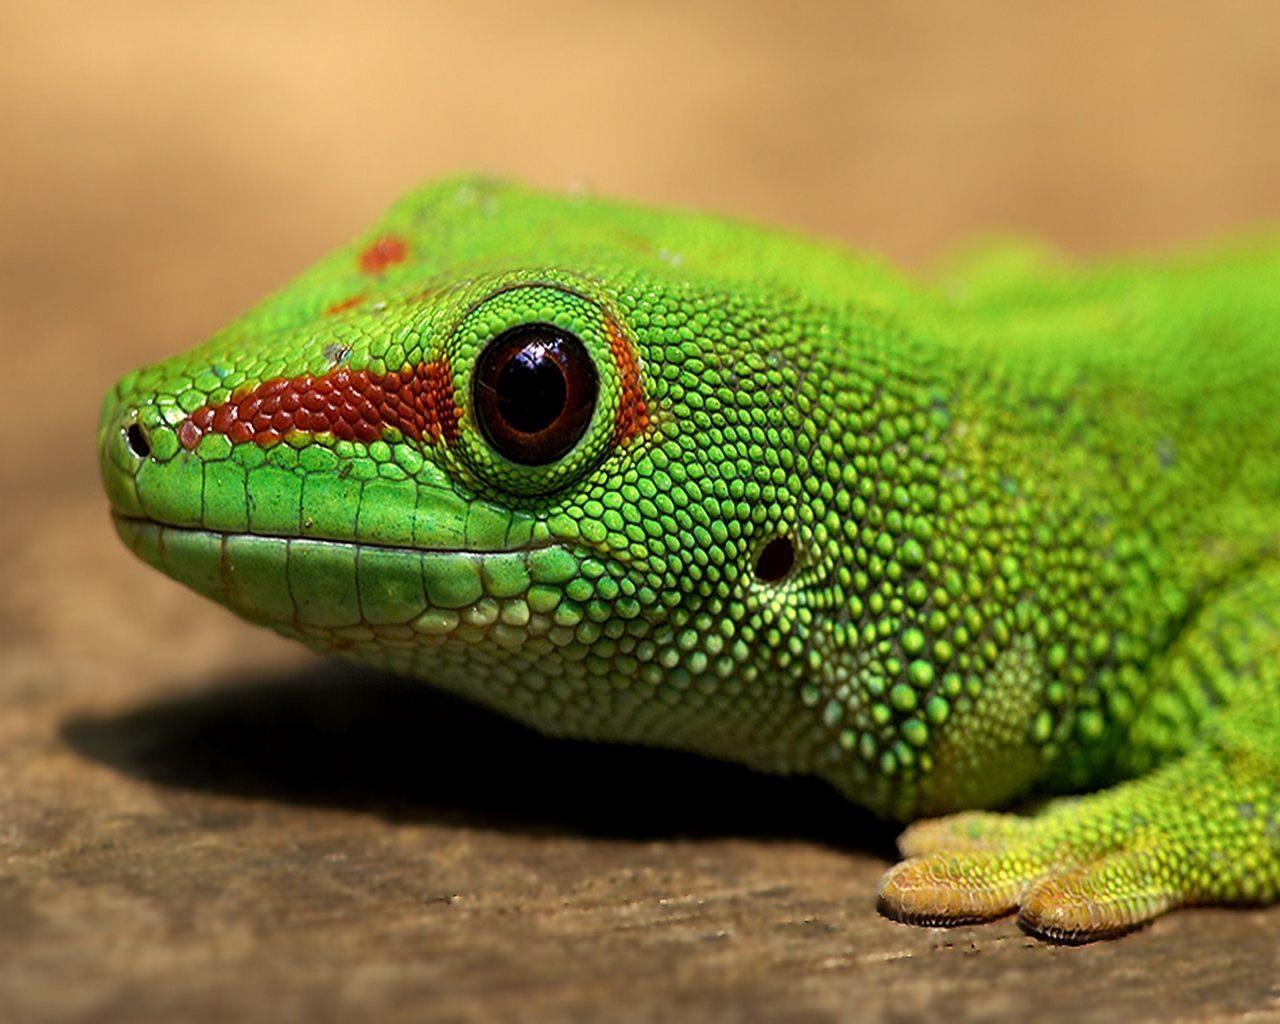 CACHORROS Y ANIMALES Animales-exoticos6